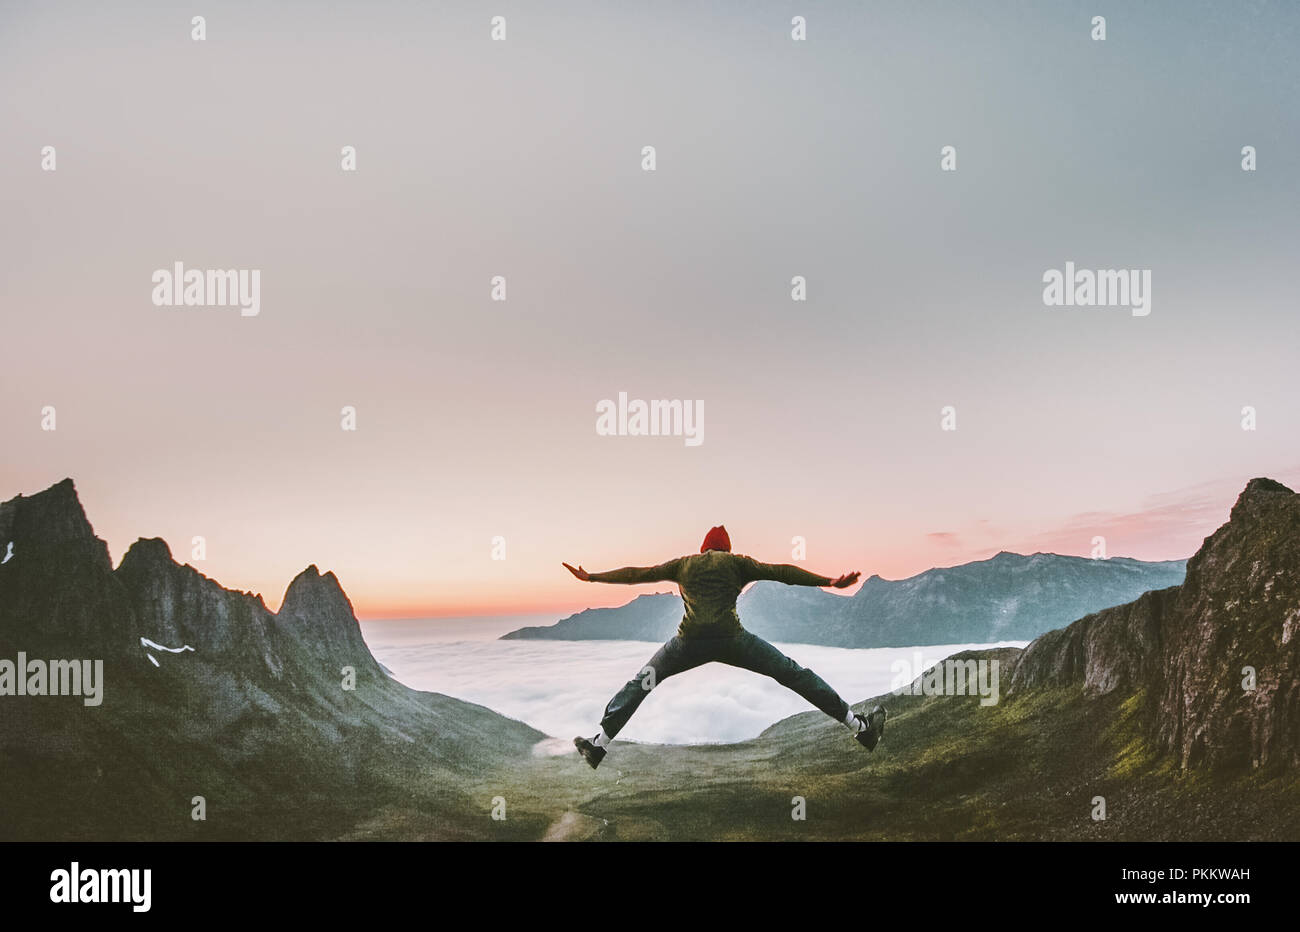 Uomo felice saltando in montagna Vacanze viaggi Outdoor Lifestyle adventure concept attiva la motivazione di successo e divertimento euforia emozioni Immagini Stock